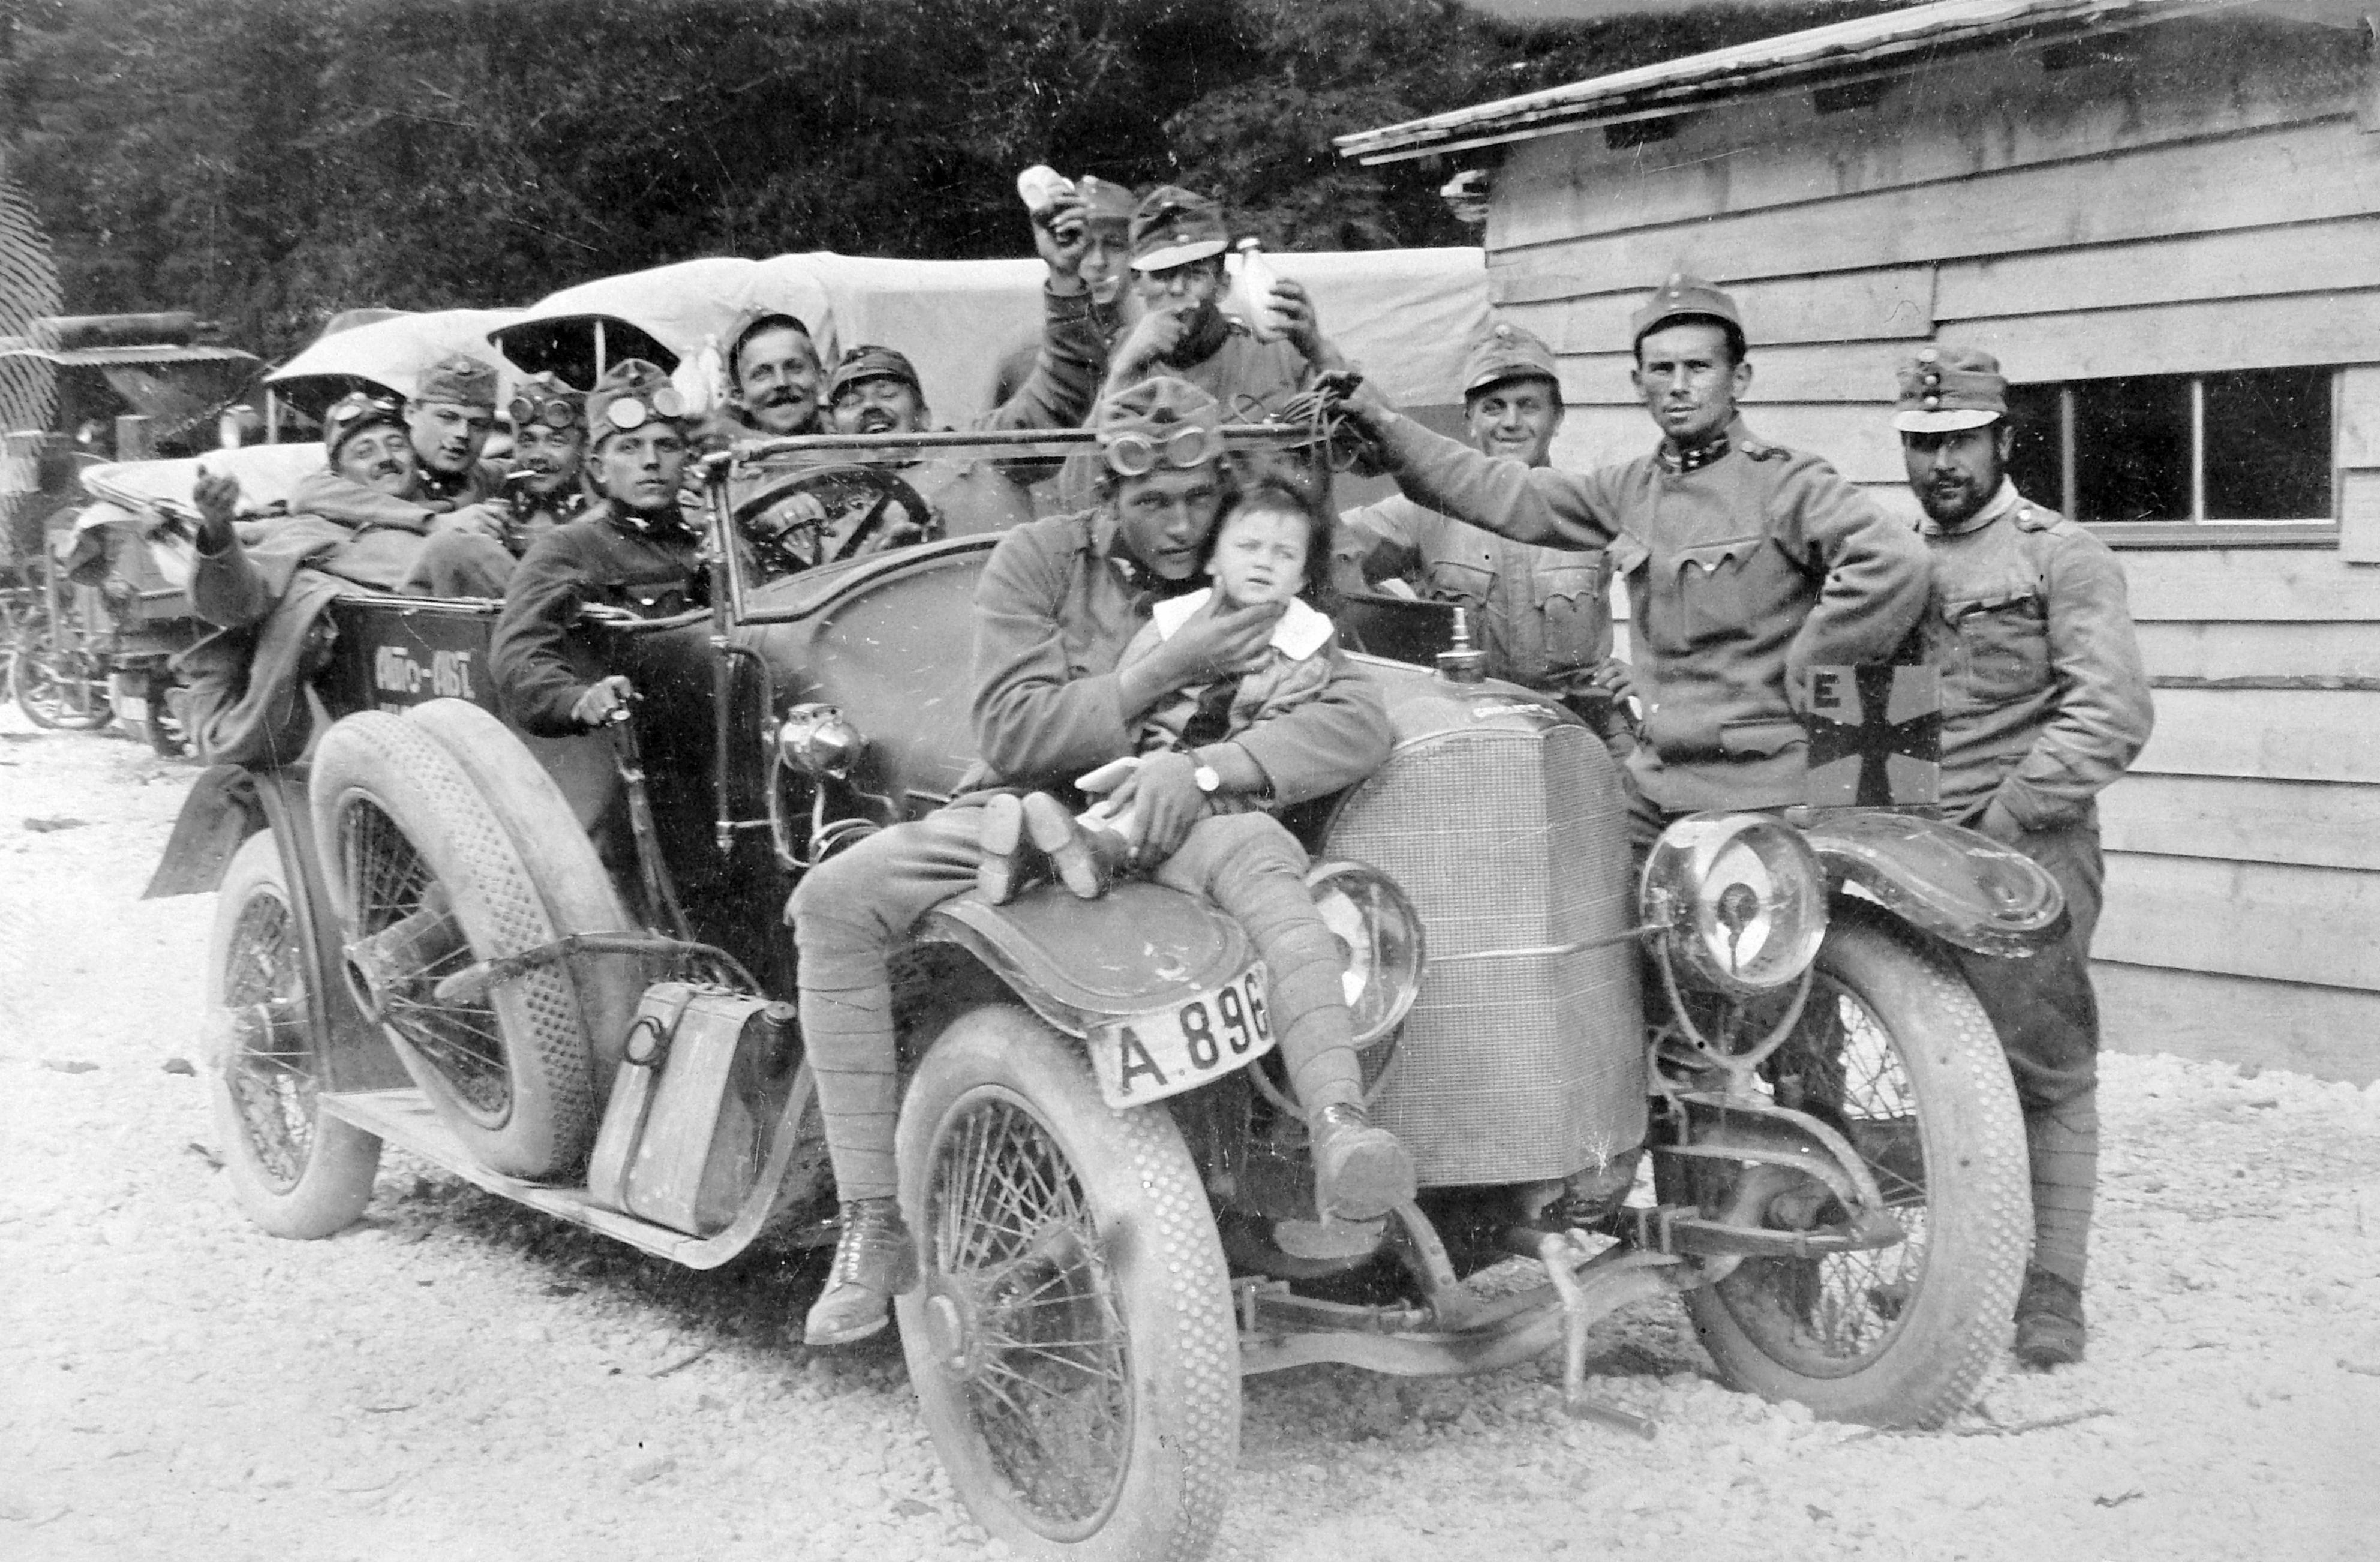 File:First World War, Gräf&Stift-brand;, soldier, uniform, kid ...